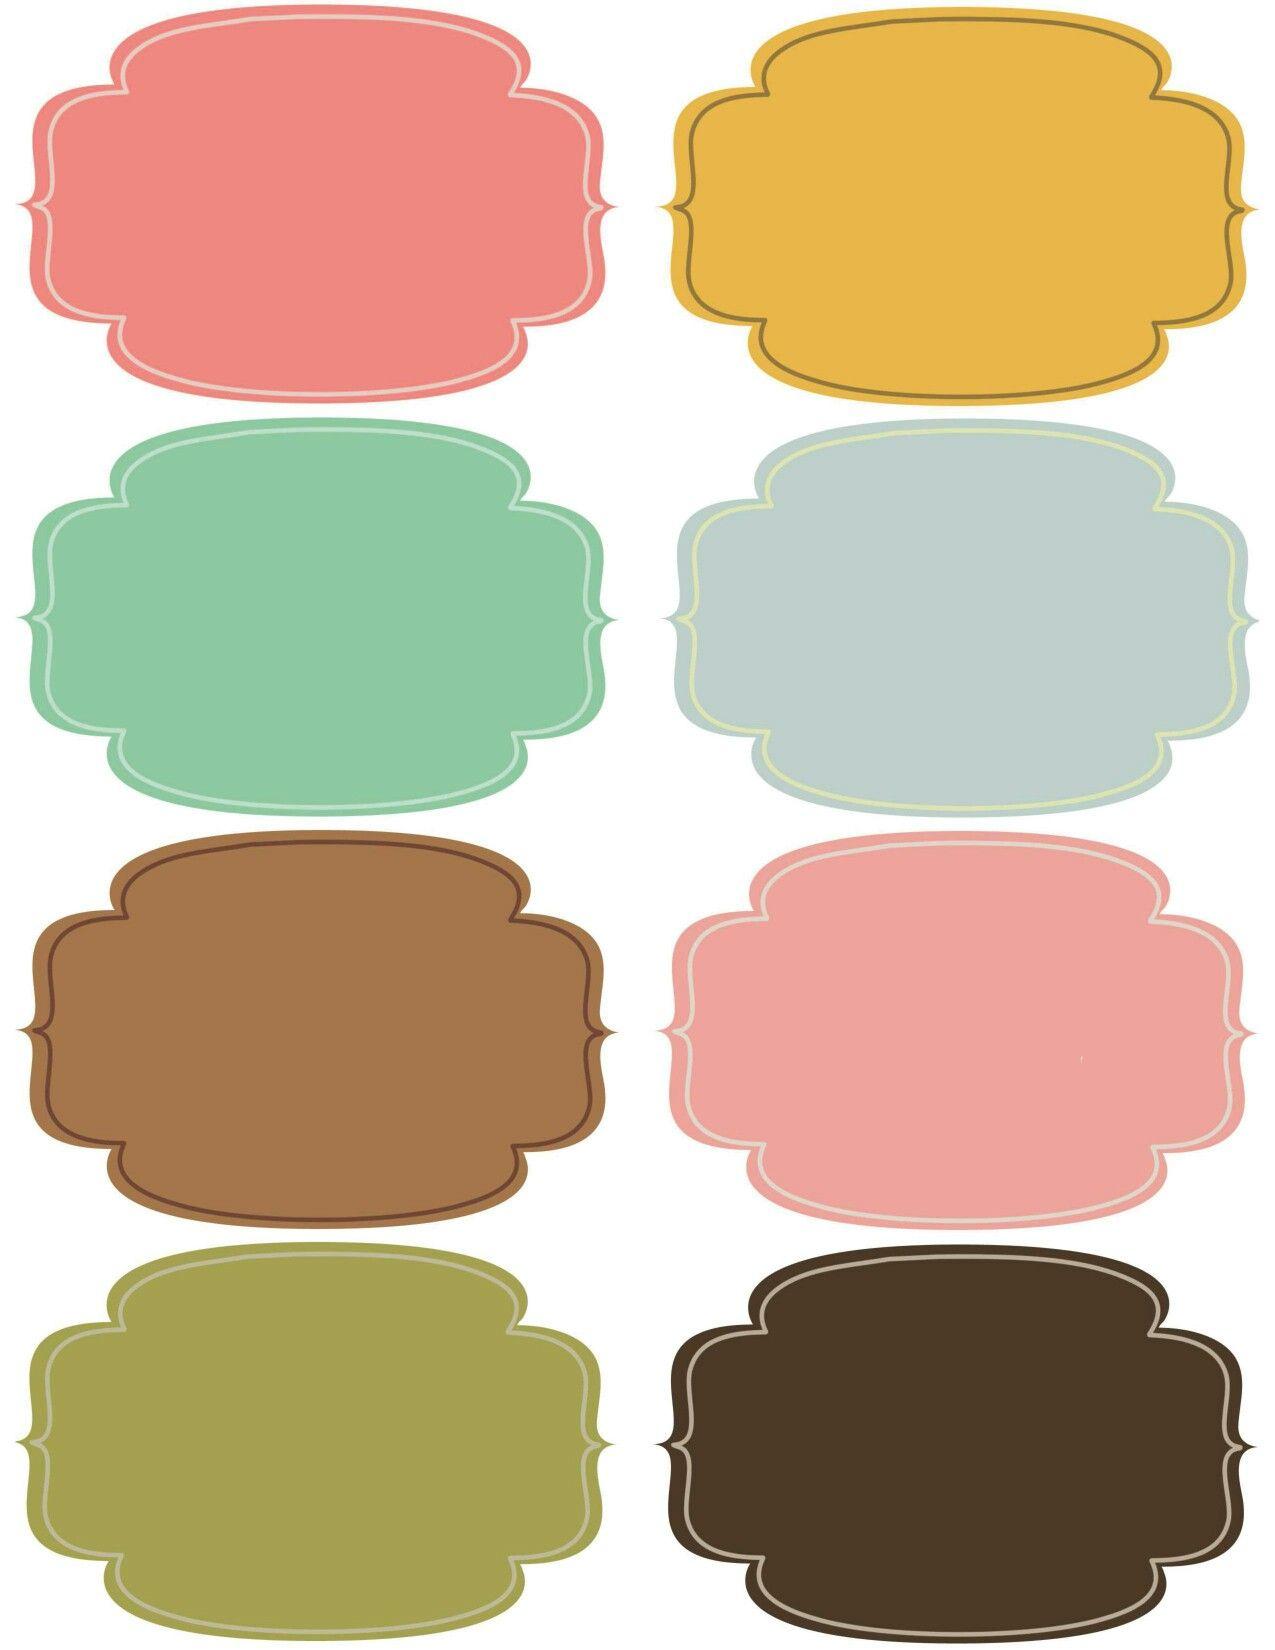 Etiquetas multiuso | Plantillas | Pinterest | Etiquetas ...